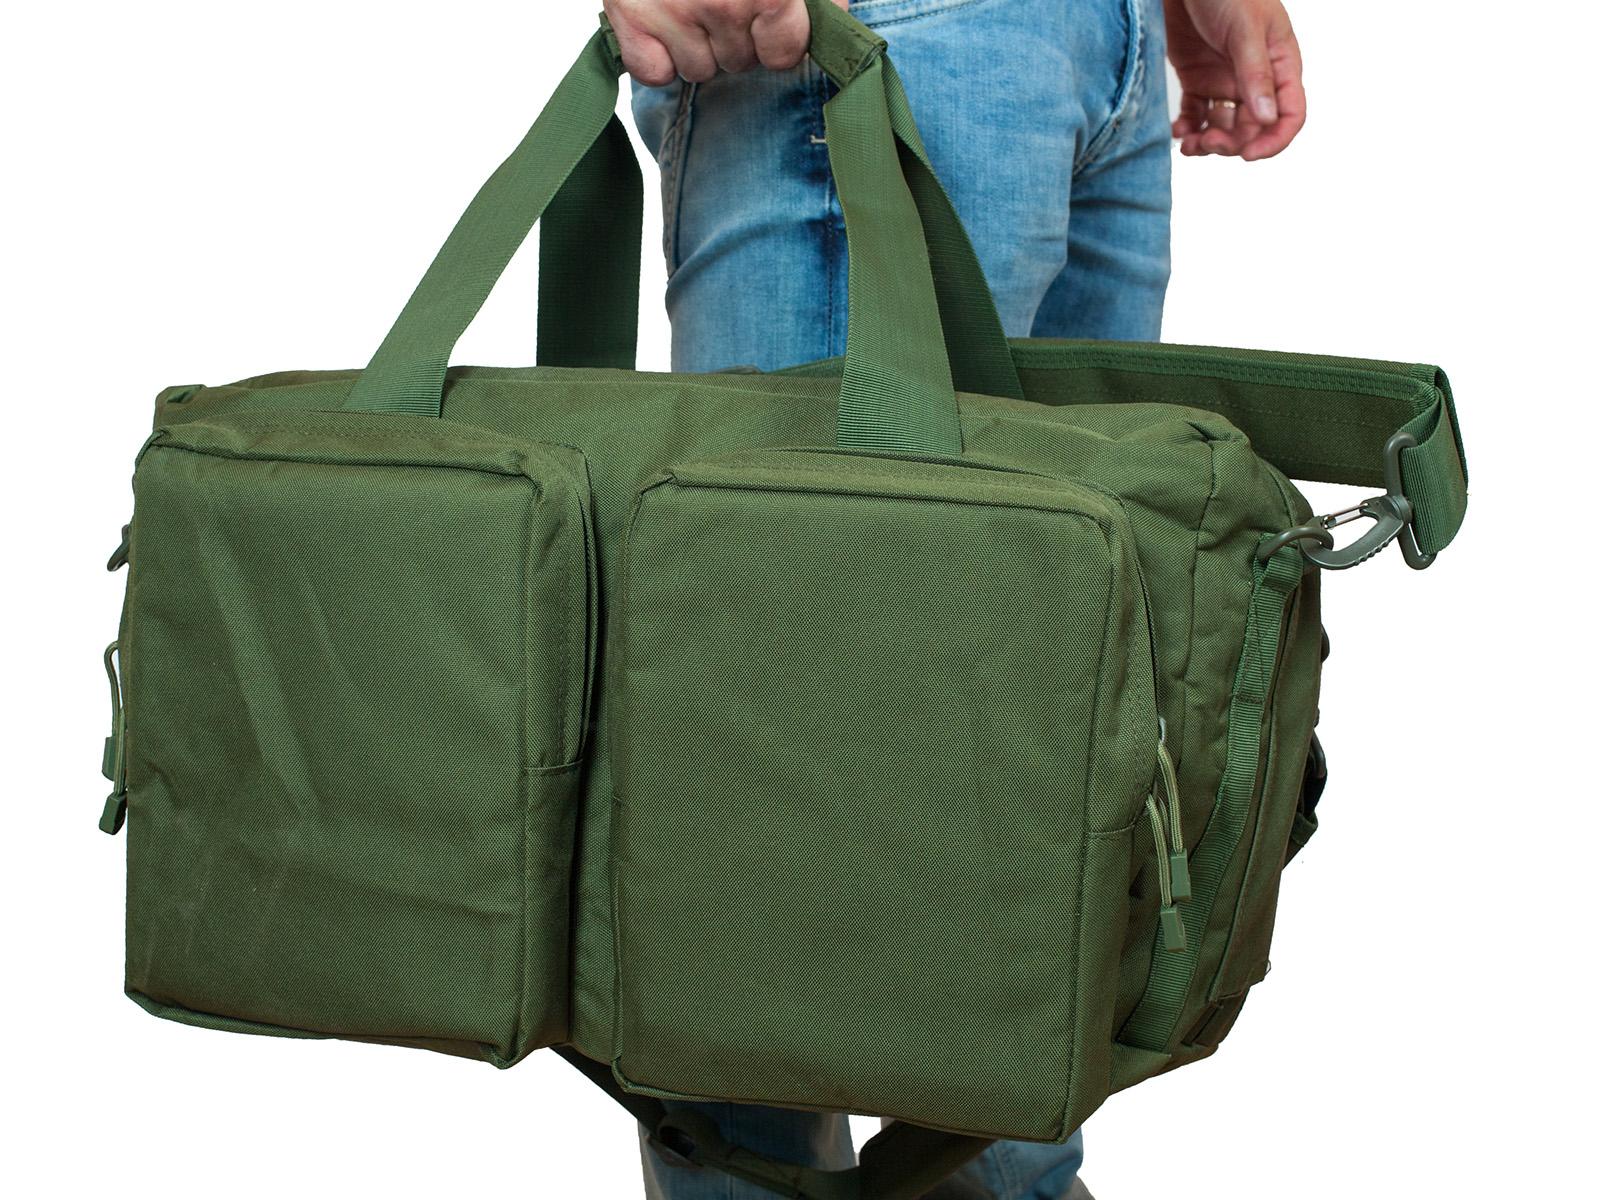 Тактическая заплечная сумка-рюкзак Русская Охота - купить в подарок